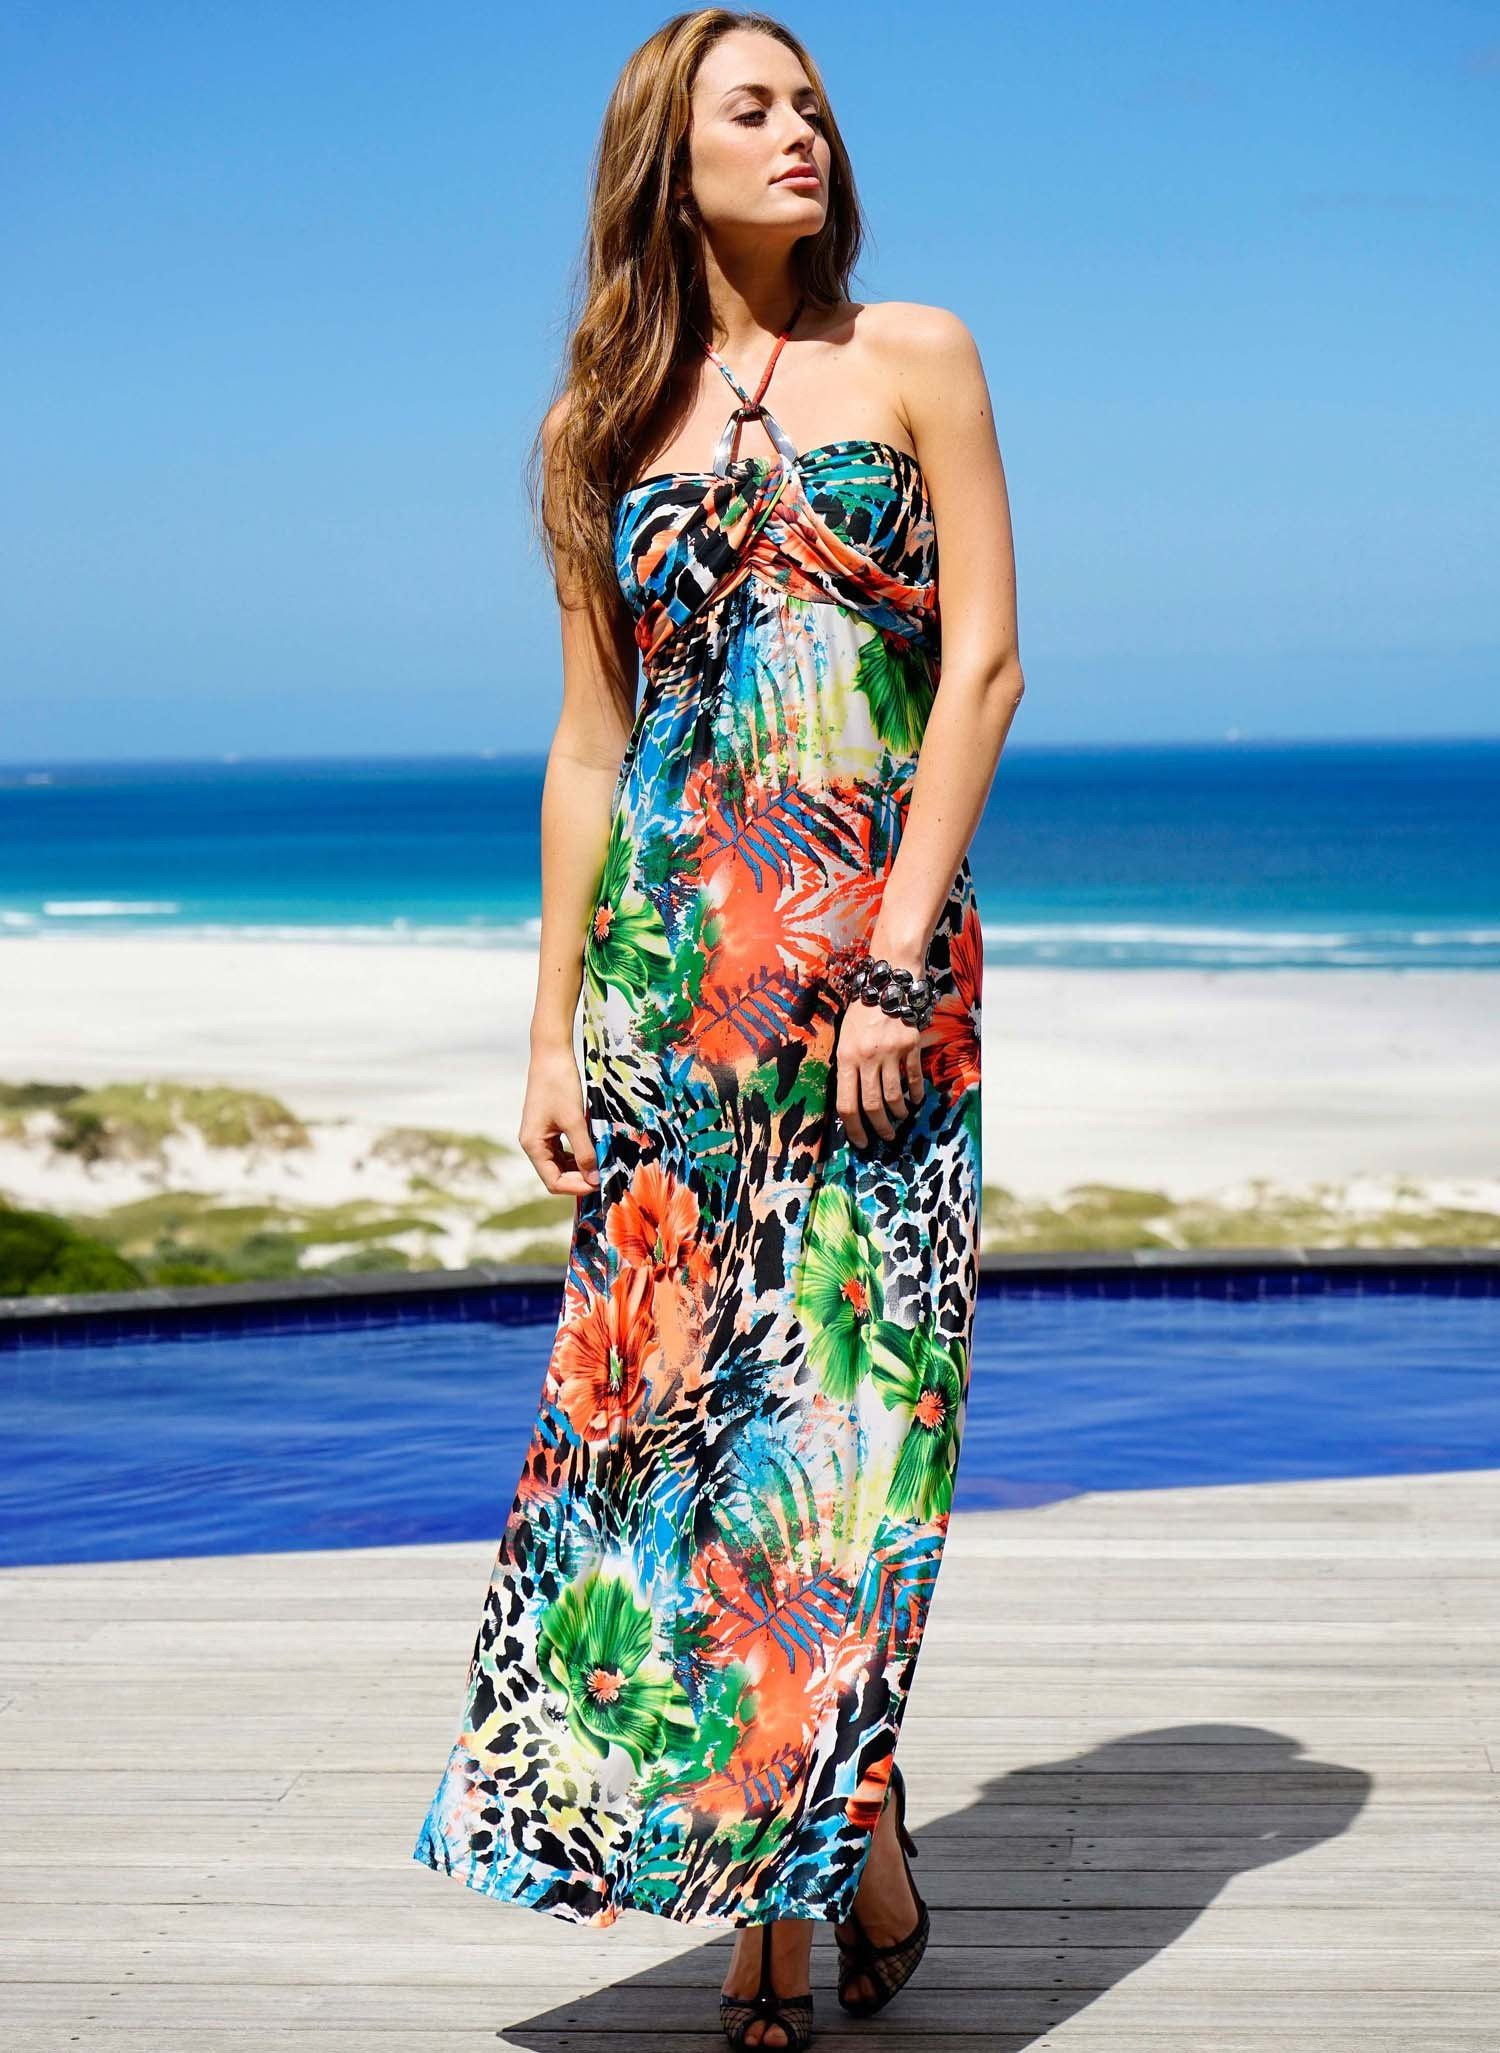 D-Neck.Kleid,Blumen multicolor L 058 - 1 - Ronja.ch